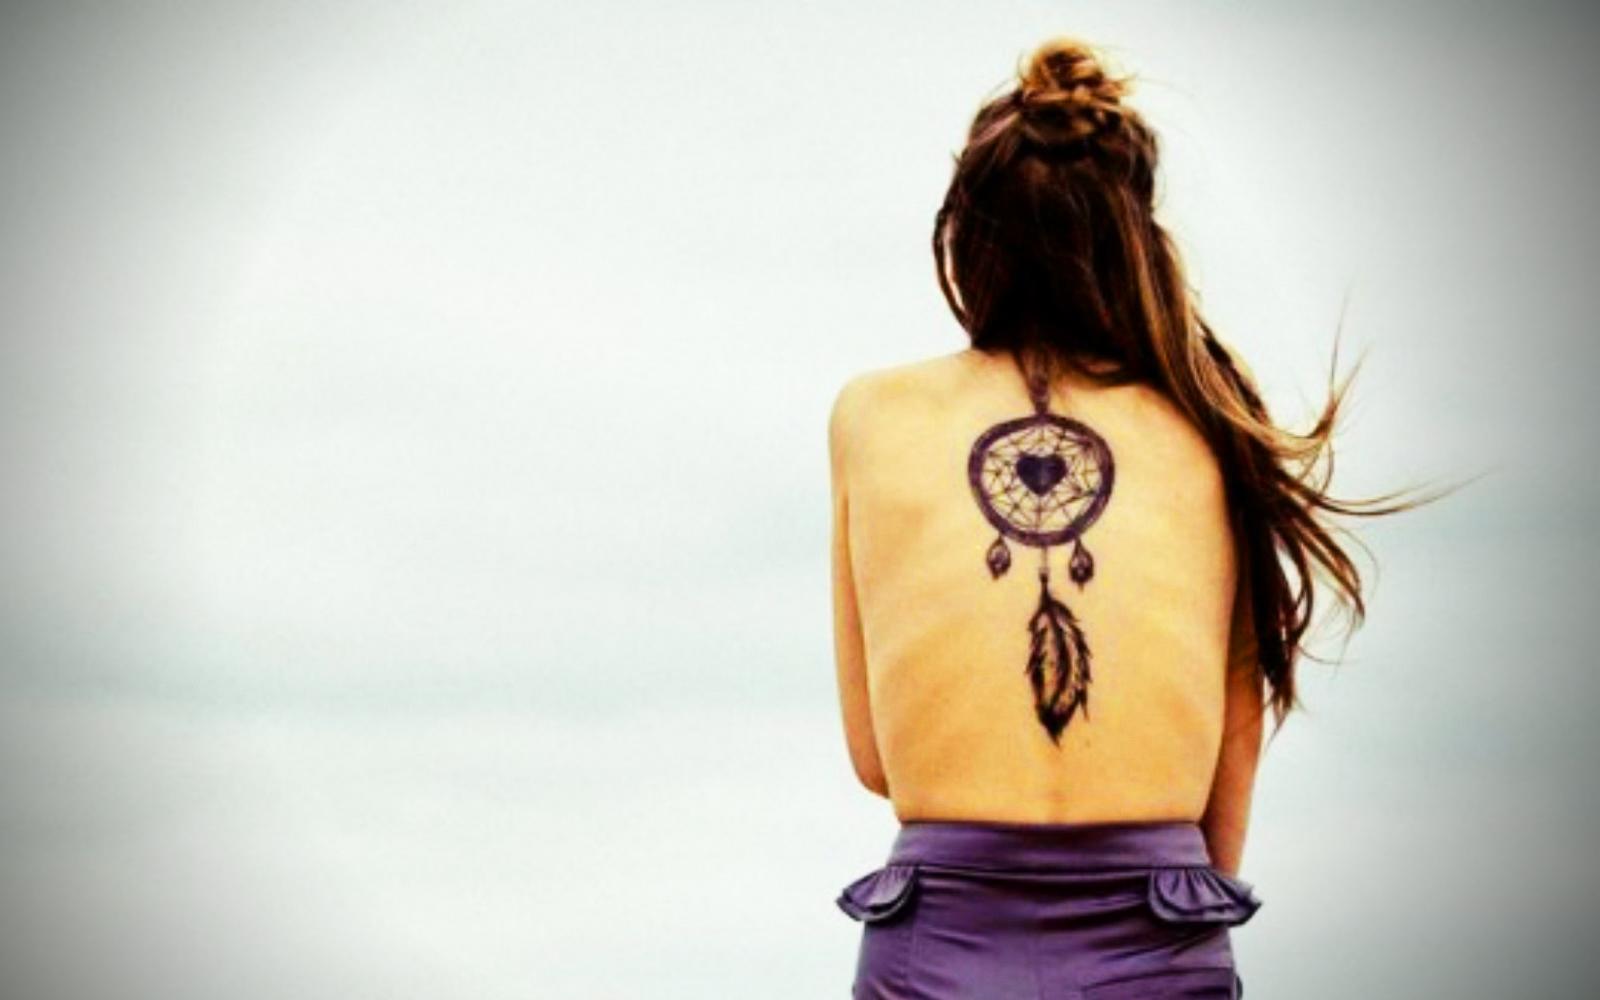 Тату обереги. Оберегающие татуировки для мужчин и женщин и их значения 8